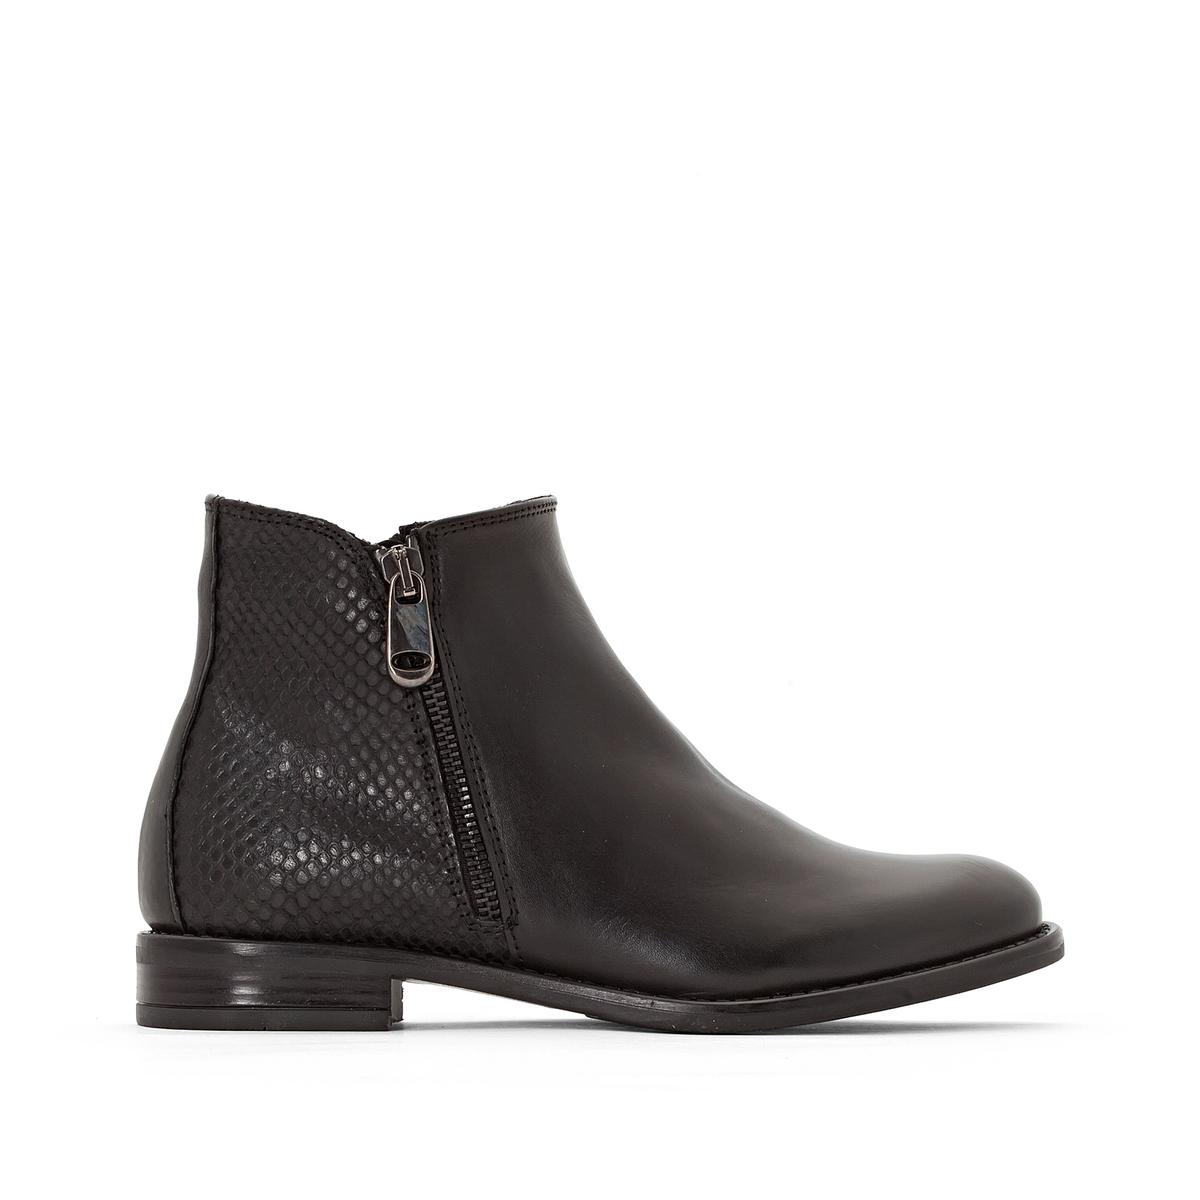 Ботинки кожаные на плоском каблуке TahisПодкладка : кожа Стелька : кожа Подошва : эластомер Высота каблука : 1 см. Высота голенища : 13 см Форма каблука : Плоская Мысок : закругленный Застежка : На молнию<br><br>Цвет: черный